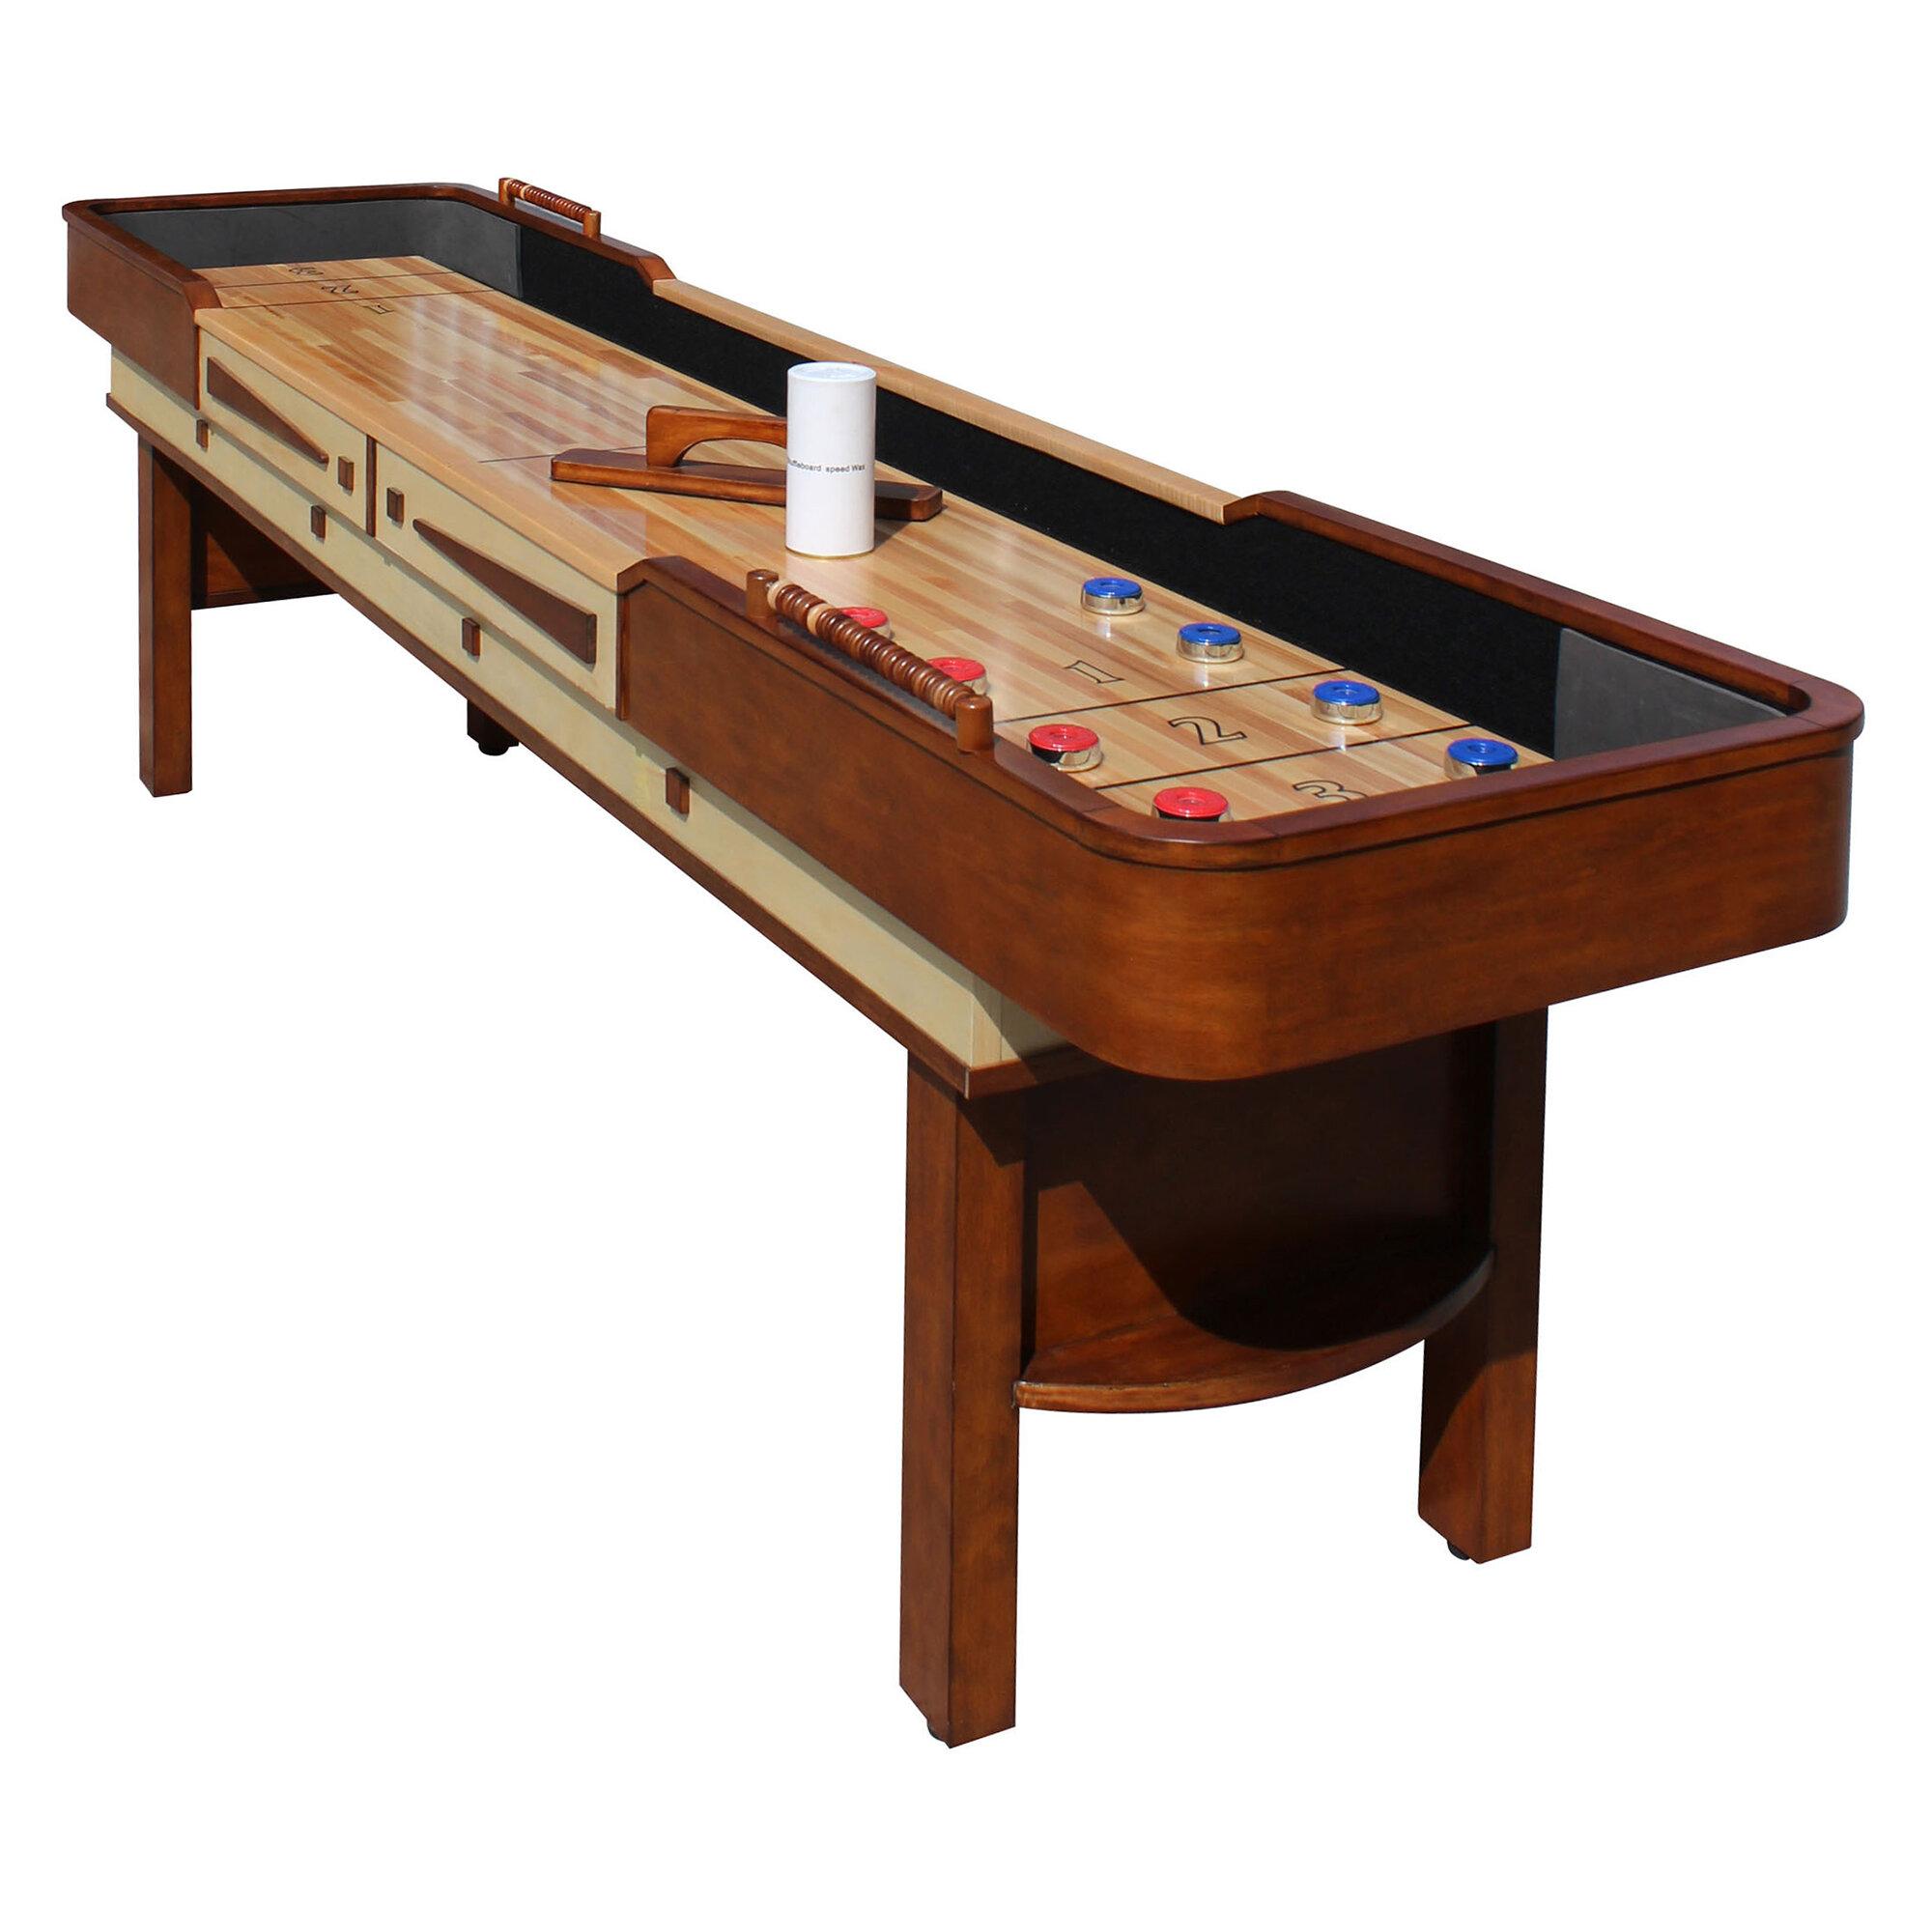 hathaway games merlot shuffleboard table reviews wayfair rh wayfair com shuffleboard tables near me shuffleboard tables walmart